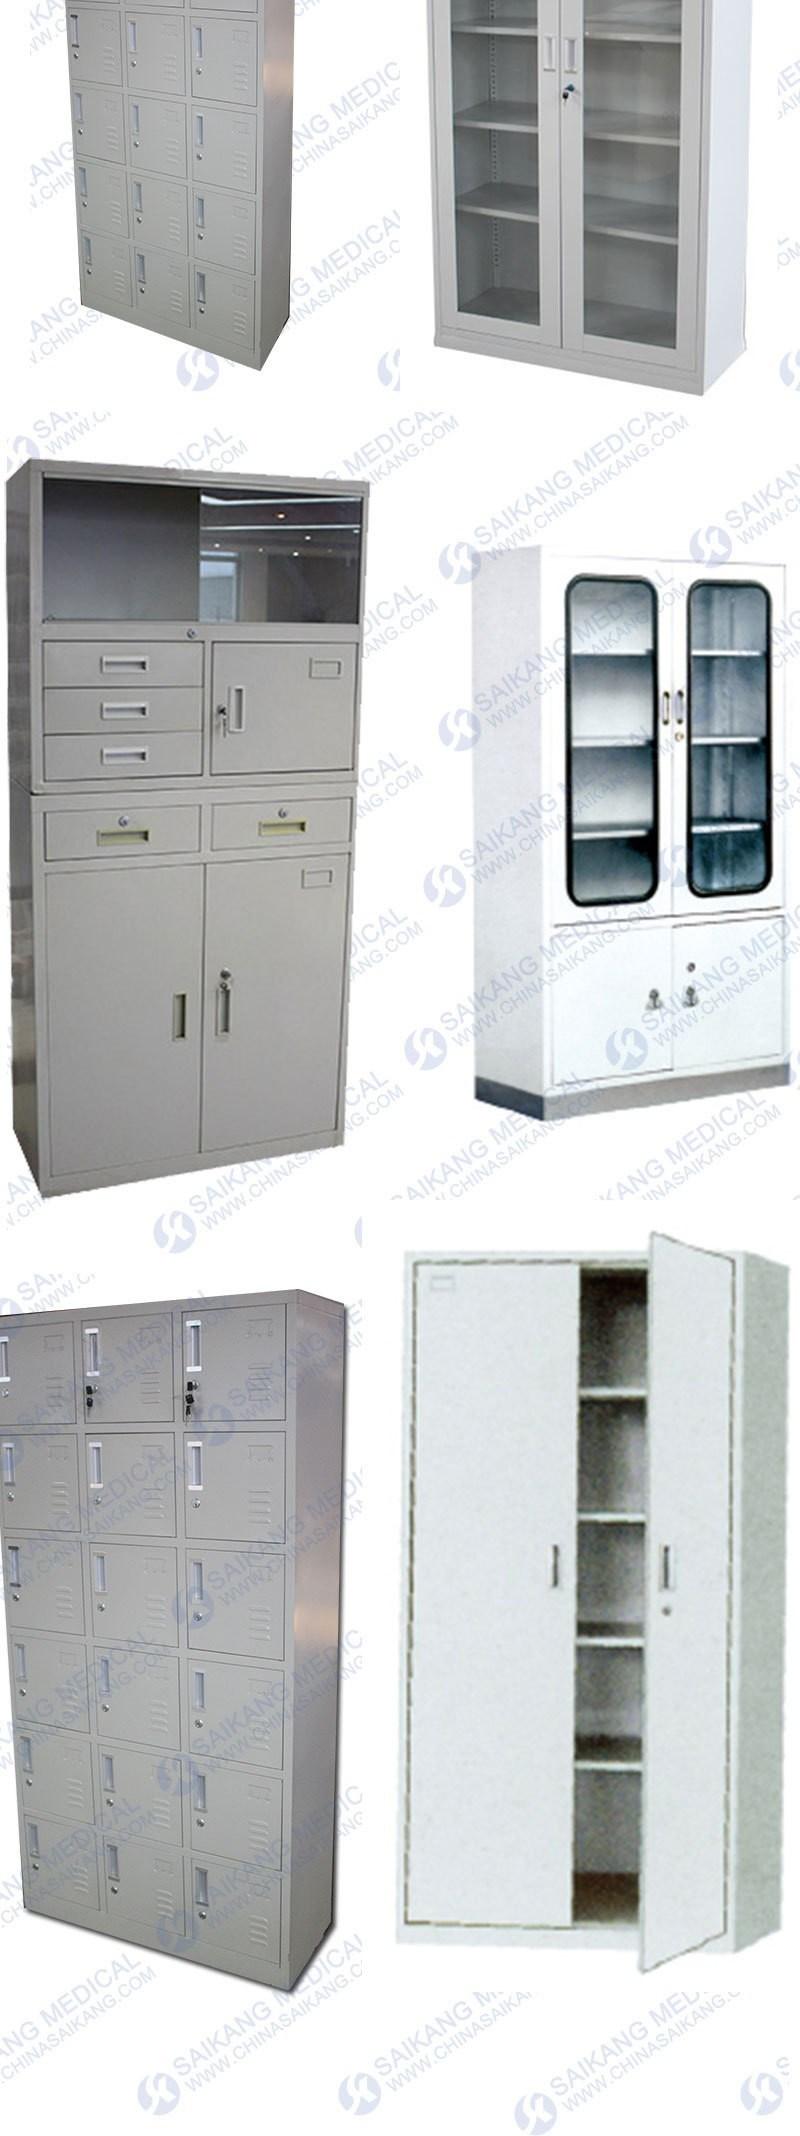 Steel Equipment Medical Storage Instrument Cabinet